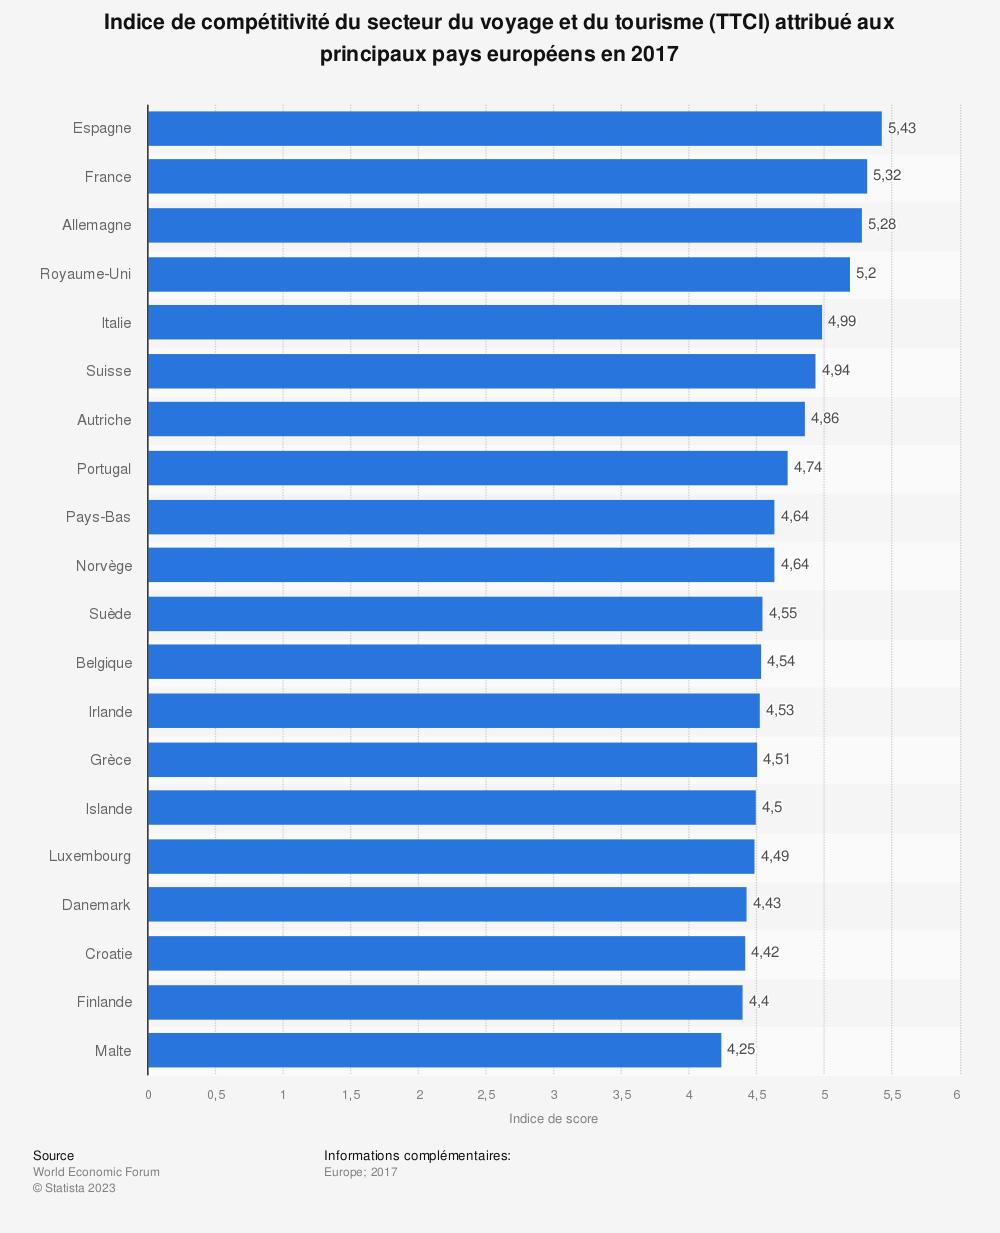 Statistique: Indice de compétitivité du secteur du voyage et du tourisme (TTCI)  attribué aux principaux pays européens en 2017 | Statista